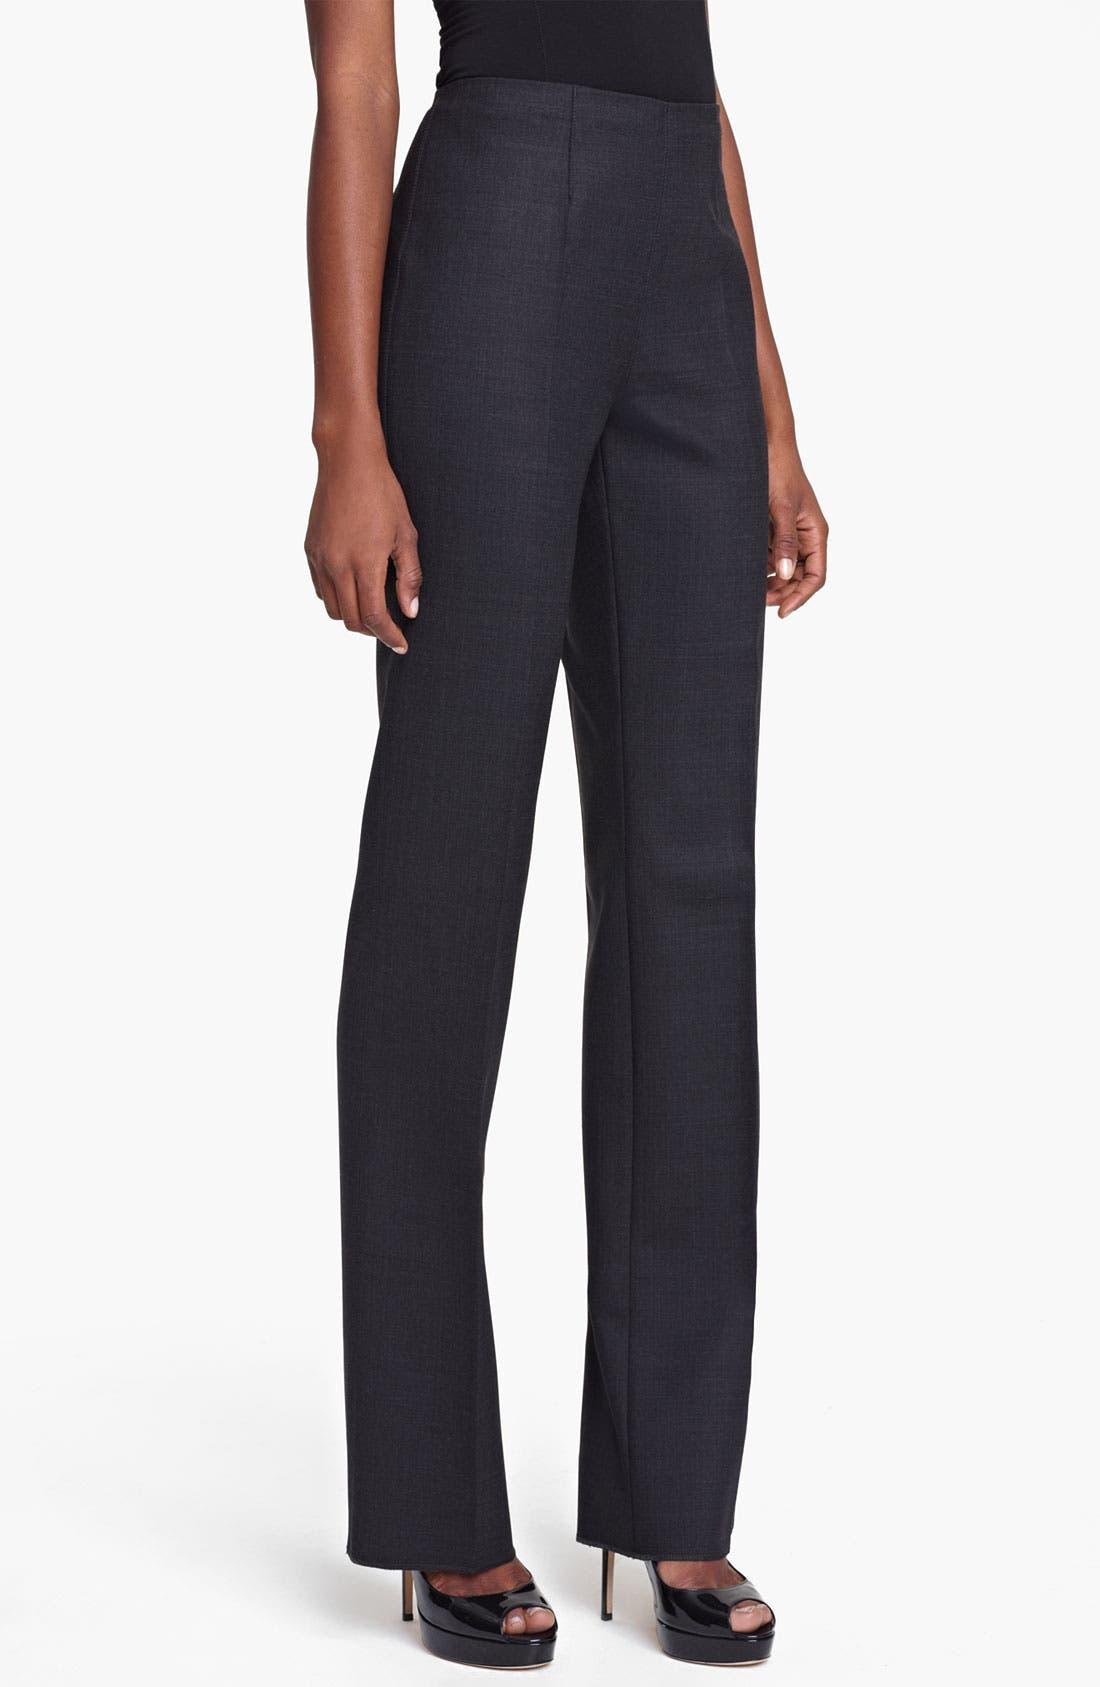 Alternate Image 1 Selected - Max Mara 'Davos' Slim Wool Pants